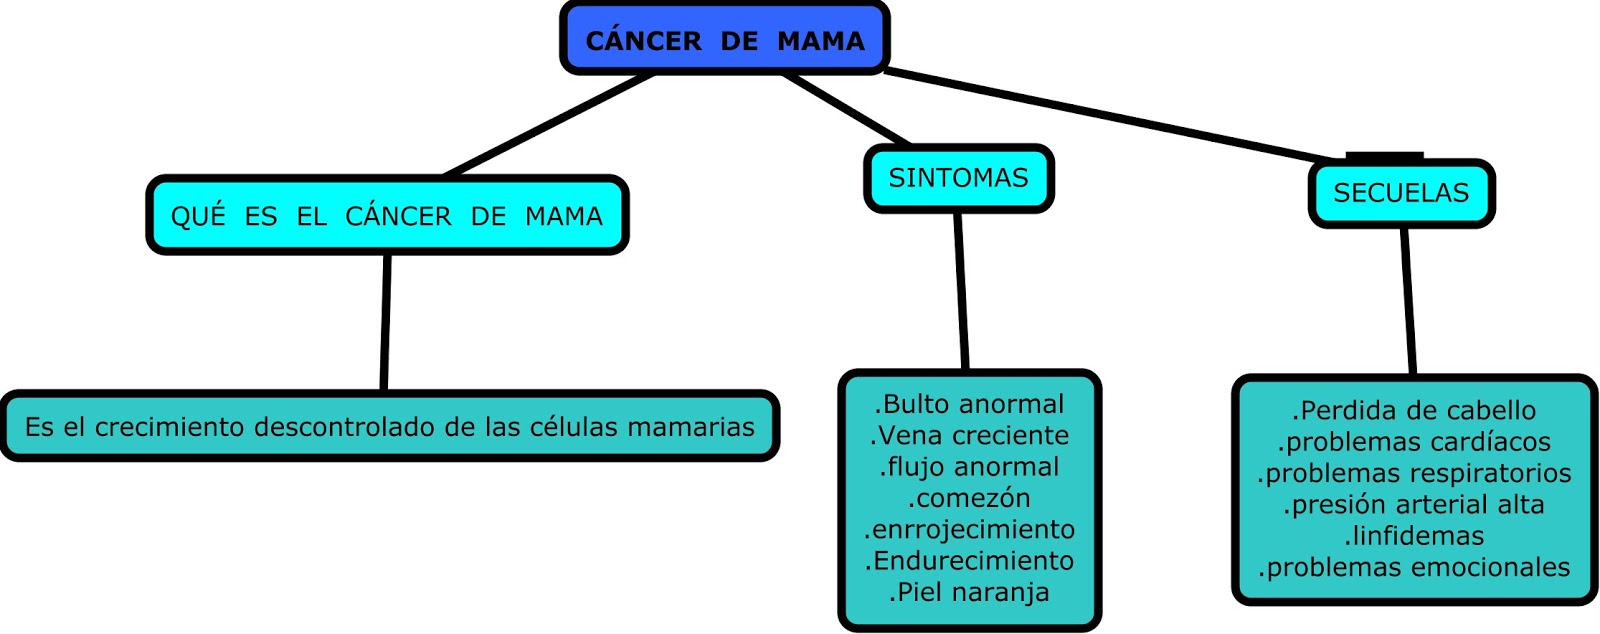 MEDICINA PREVENTIVA: CMAPTOOLS DE CÁNCER DE MAMA